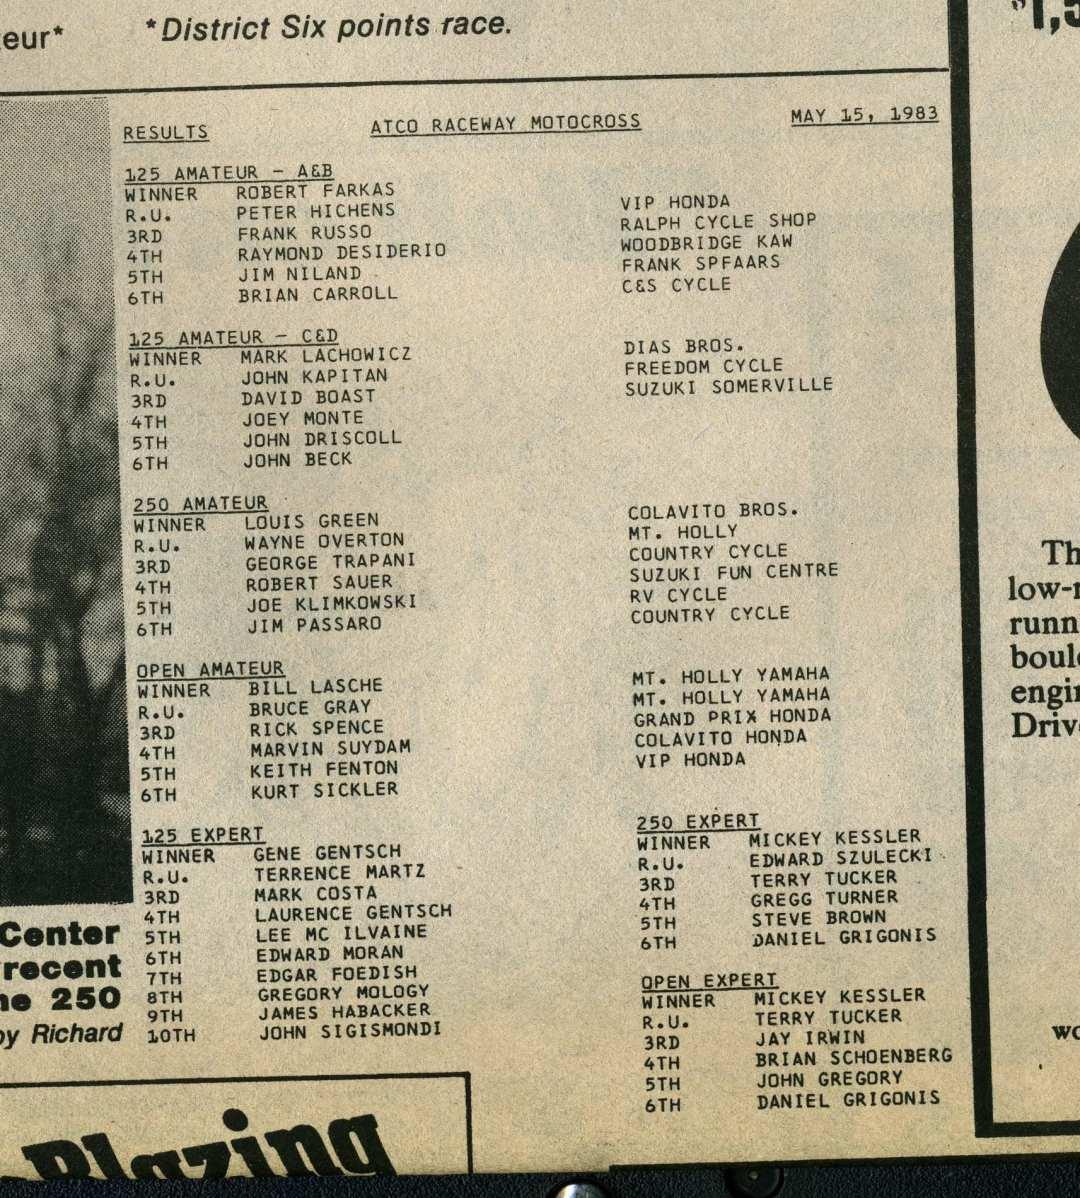 atco results may 15, 1983